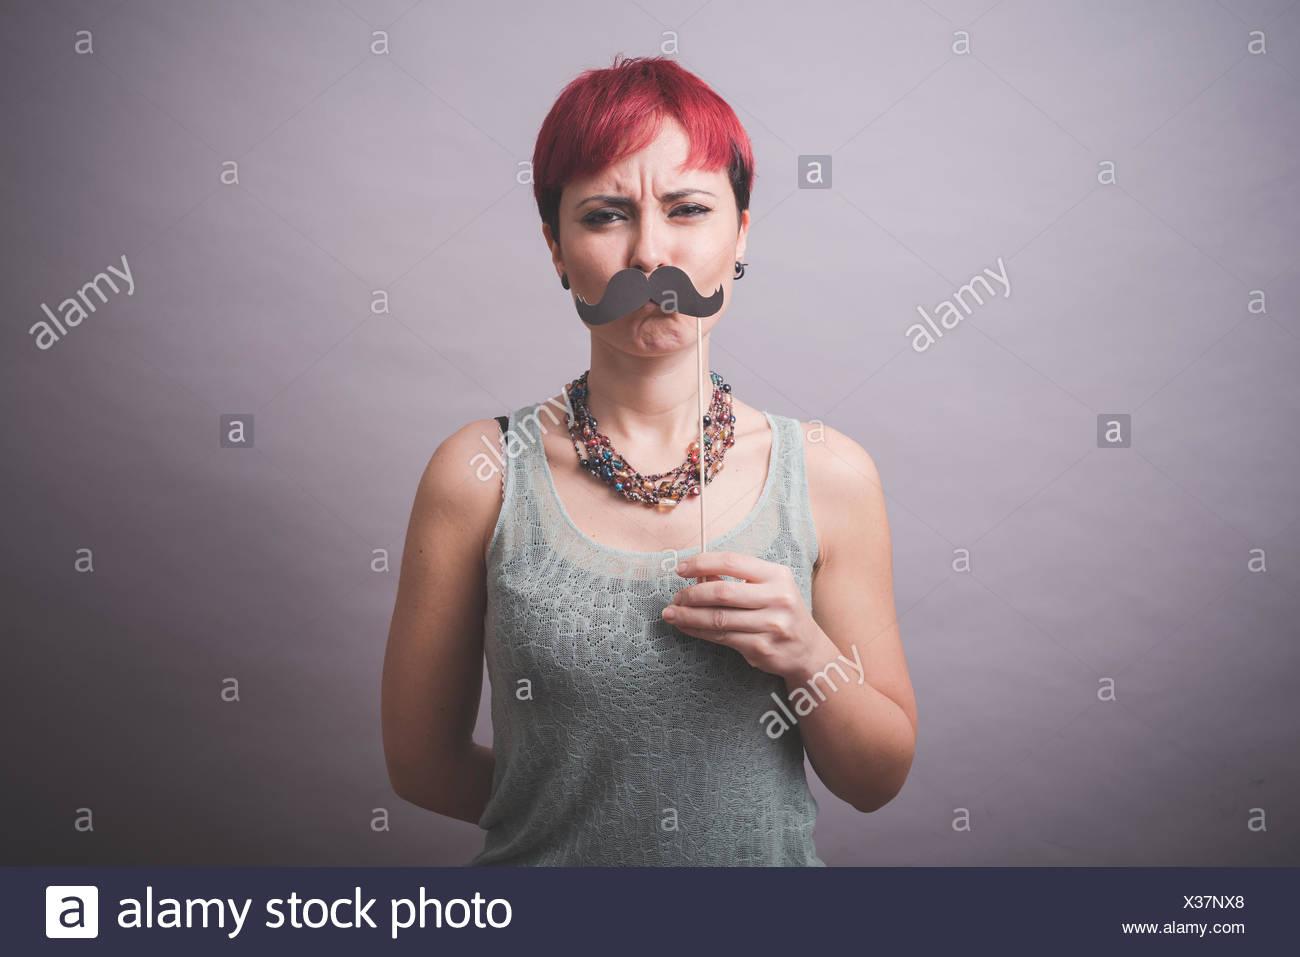 Ritratto in studio di confuse giovane donna regge i baffi nella parte anteriore del viso Immagini Stock